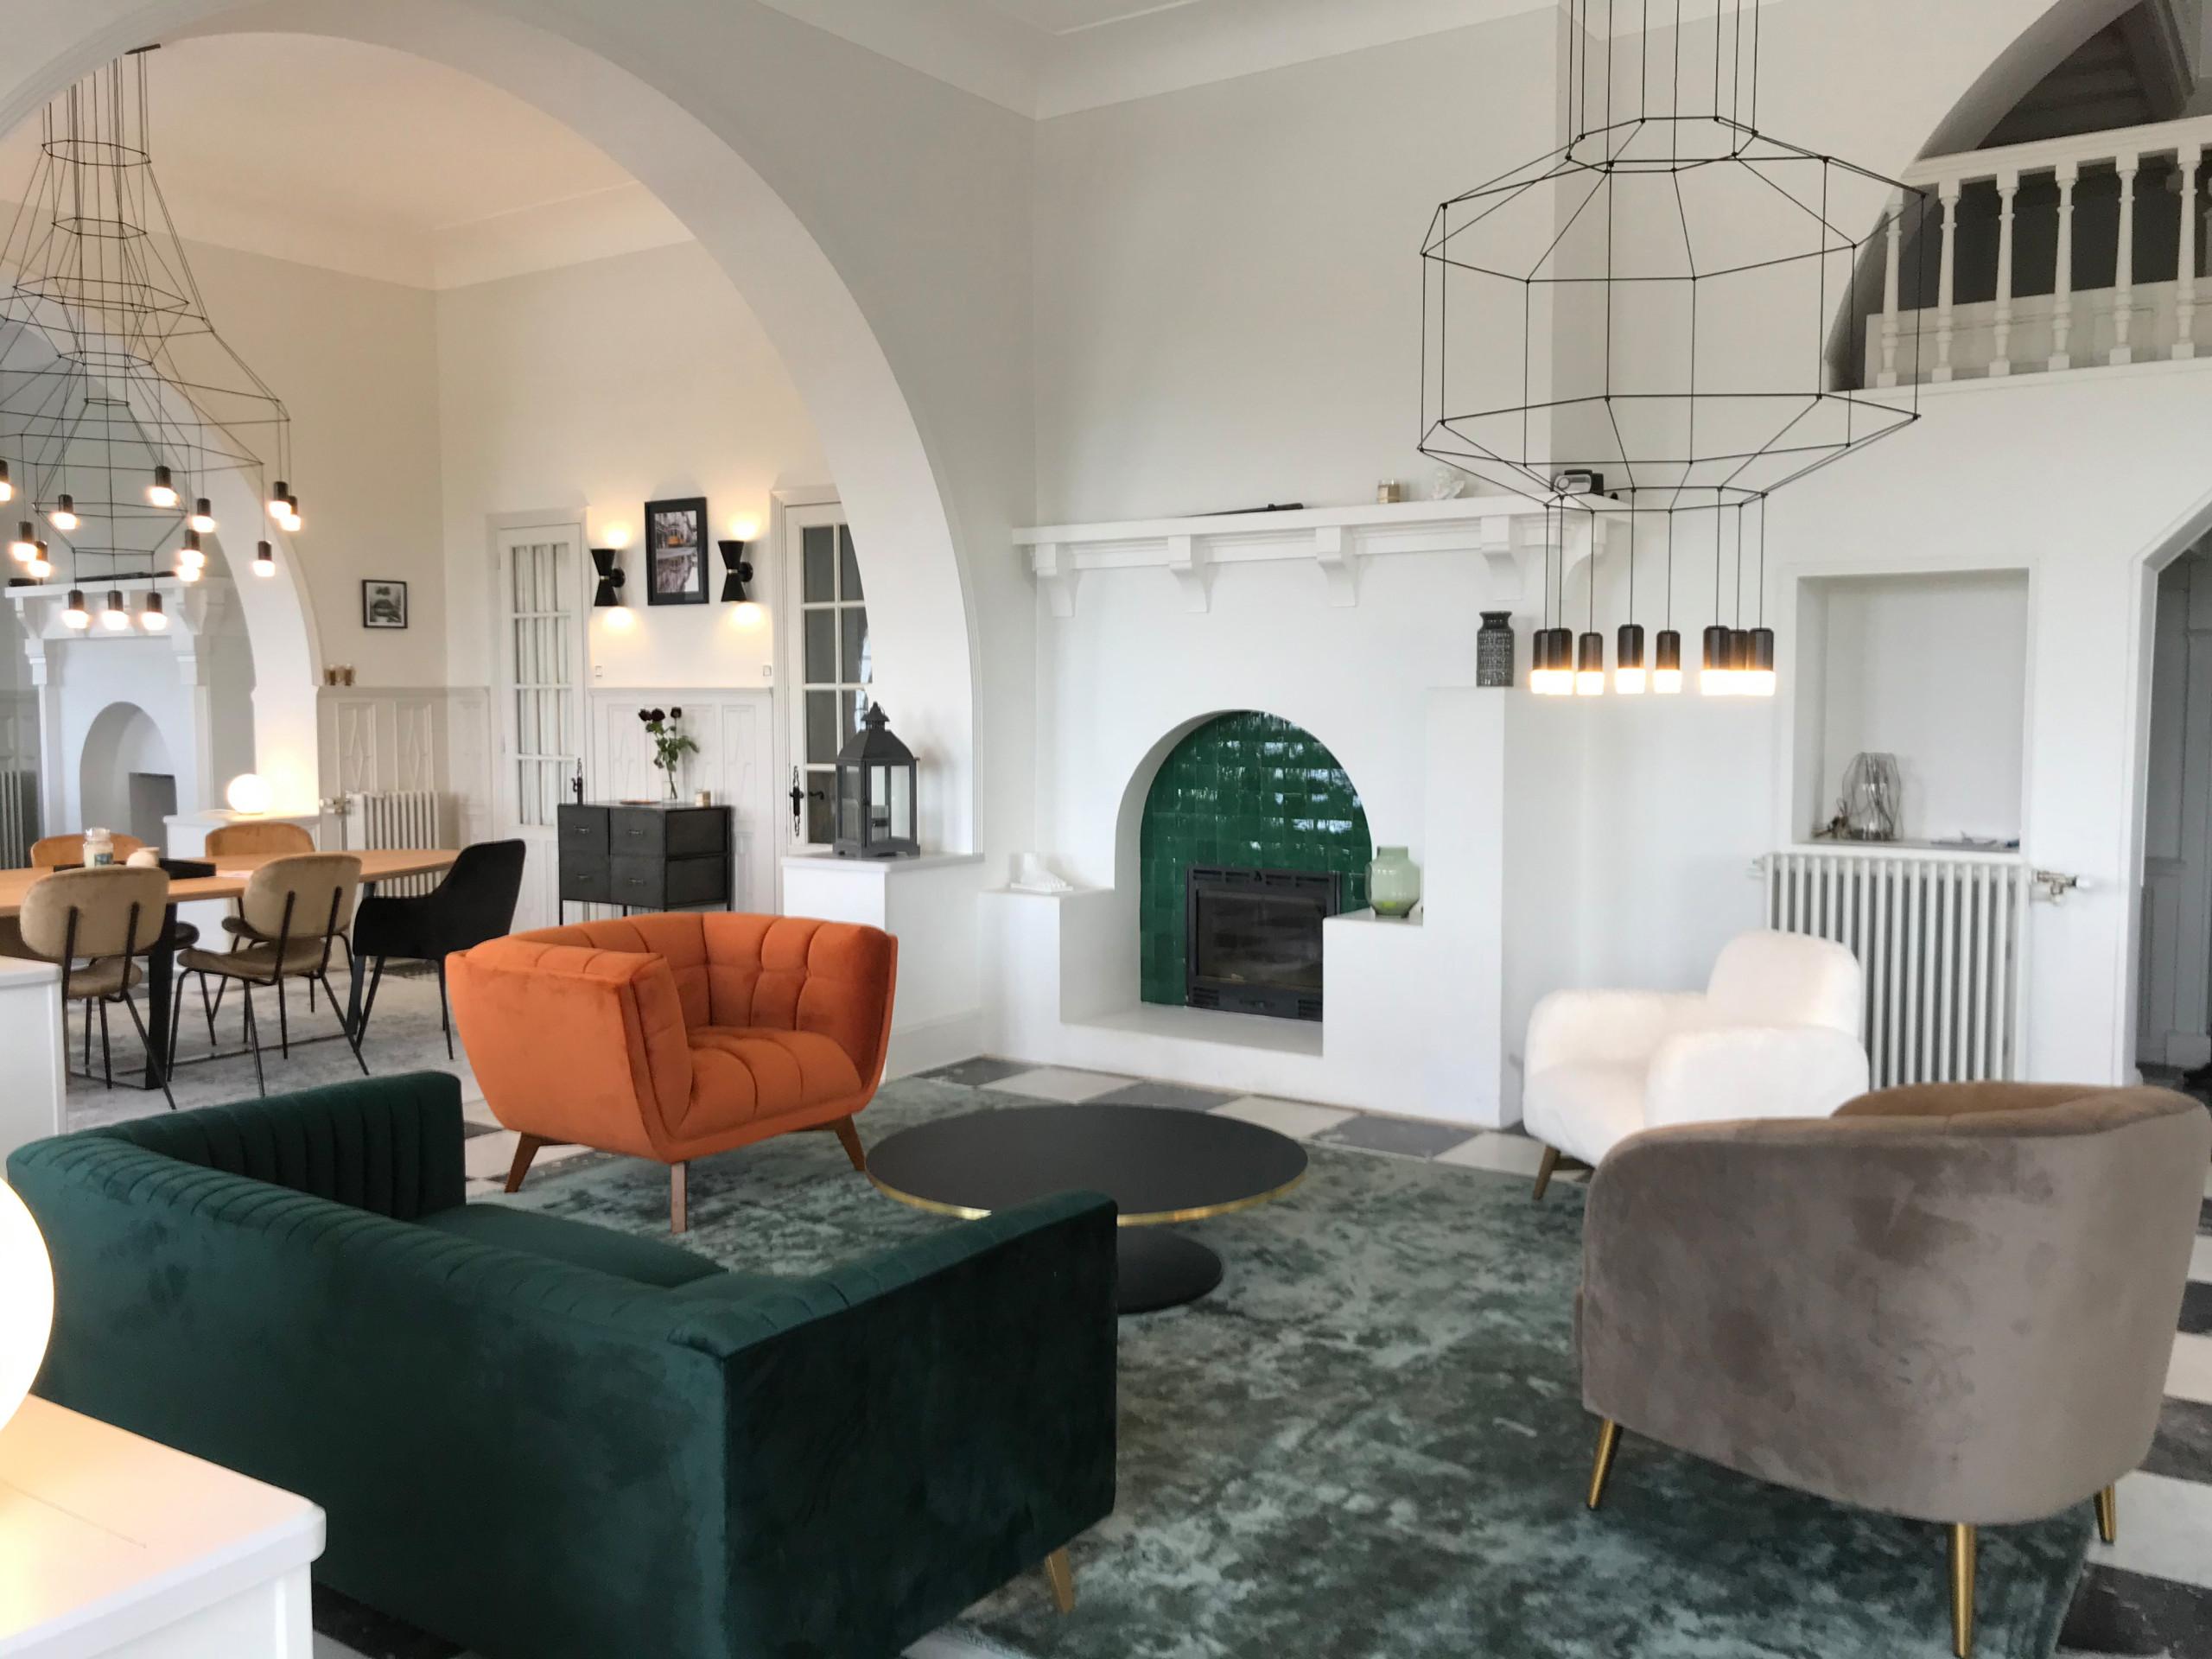 Aménagement d'intérieur d'une maison | Loire